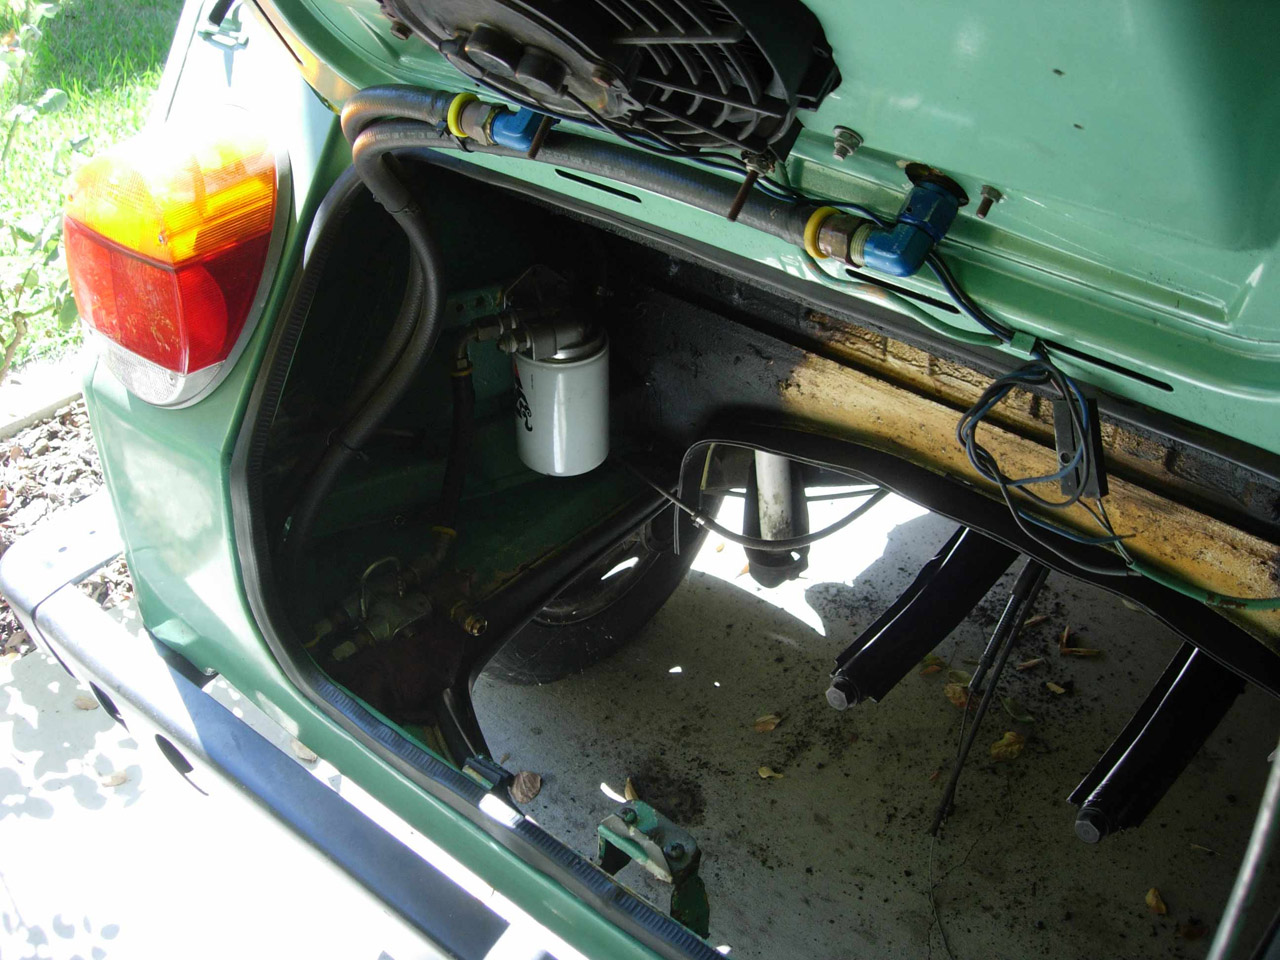 1973 Thing Engine Rebuild